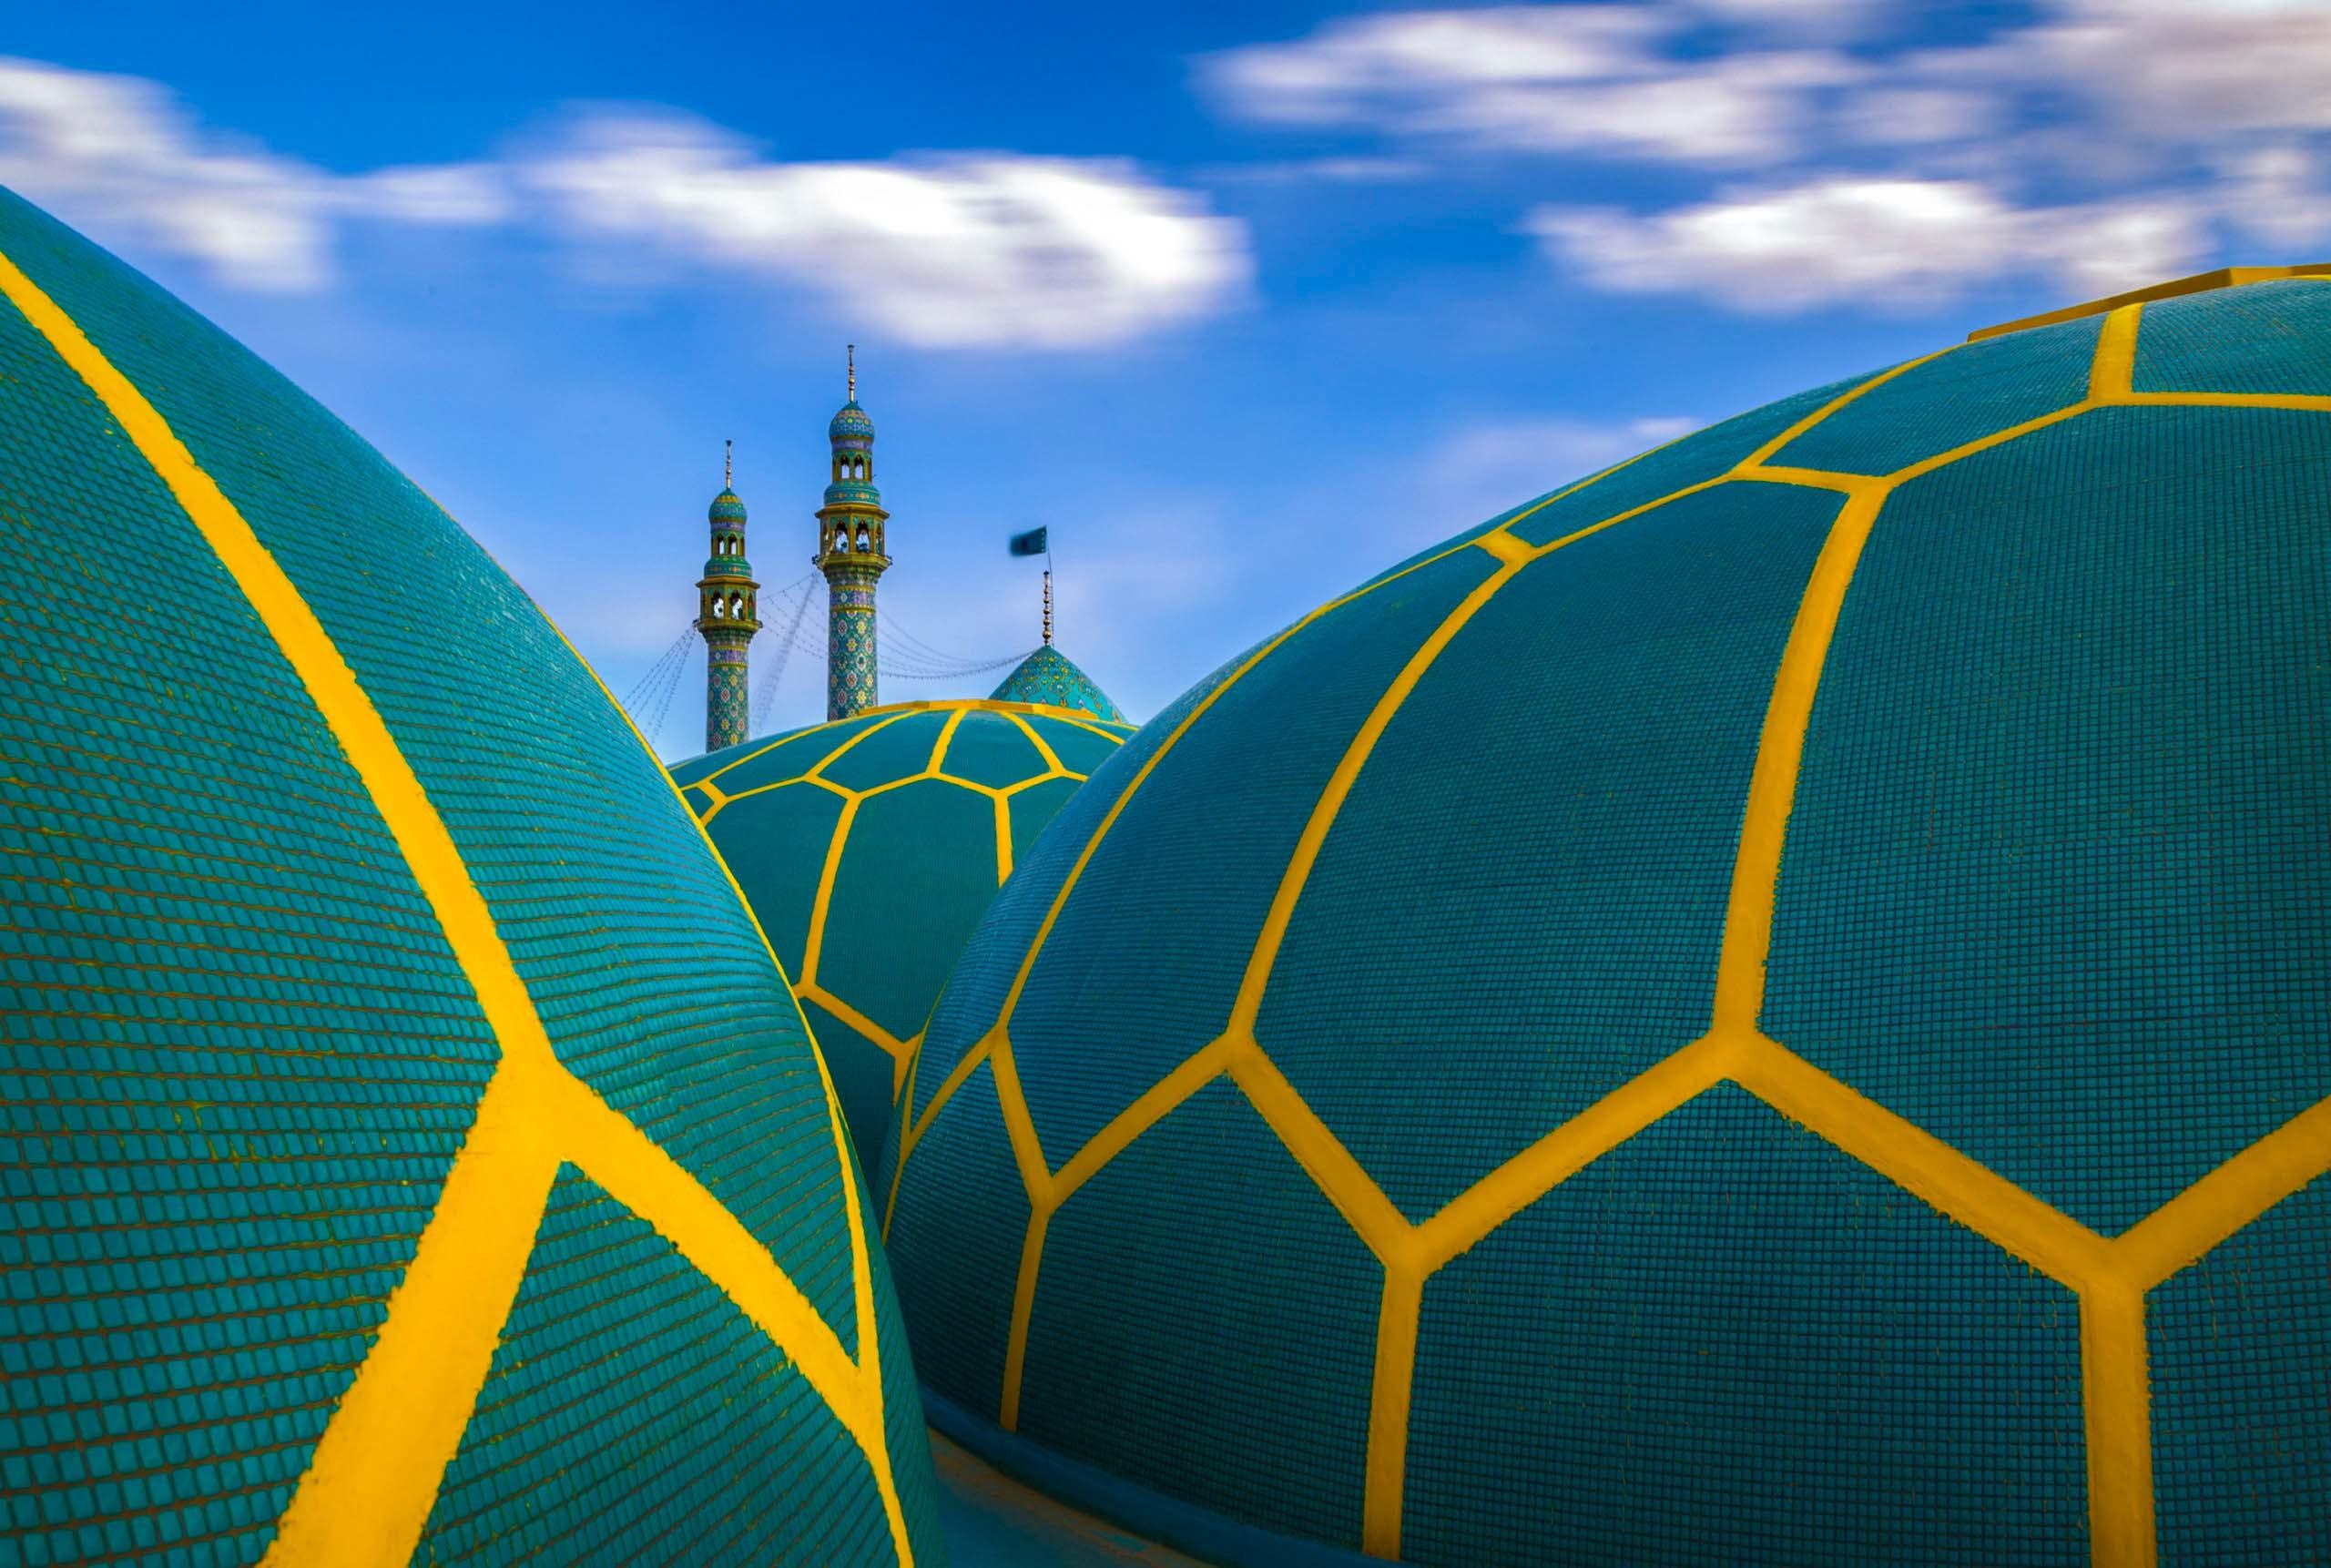 Dschamkaran Moschee im Iran